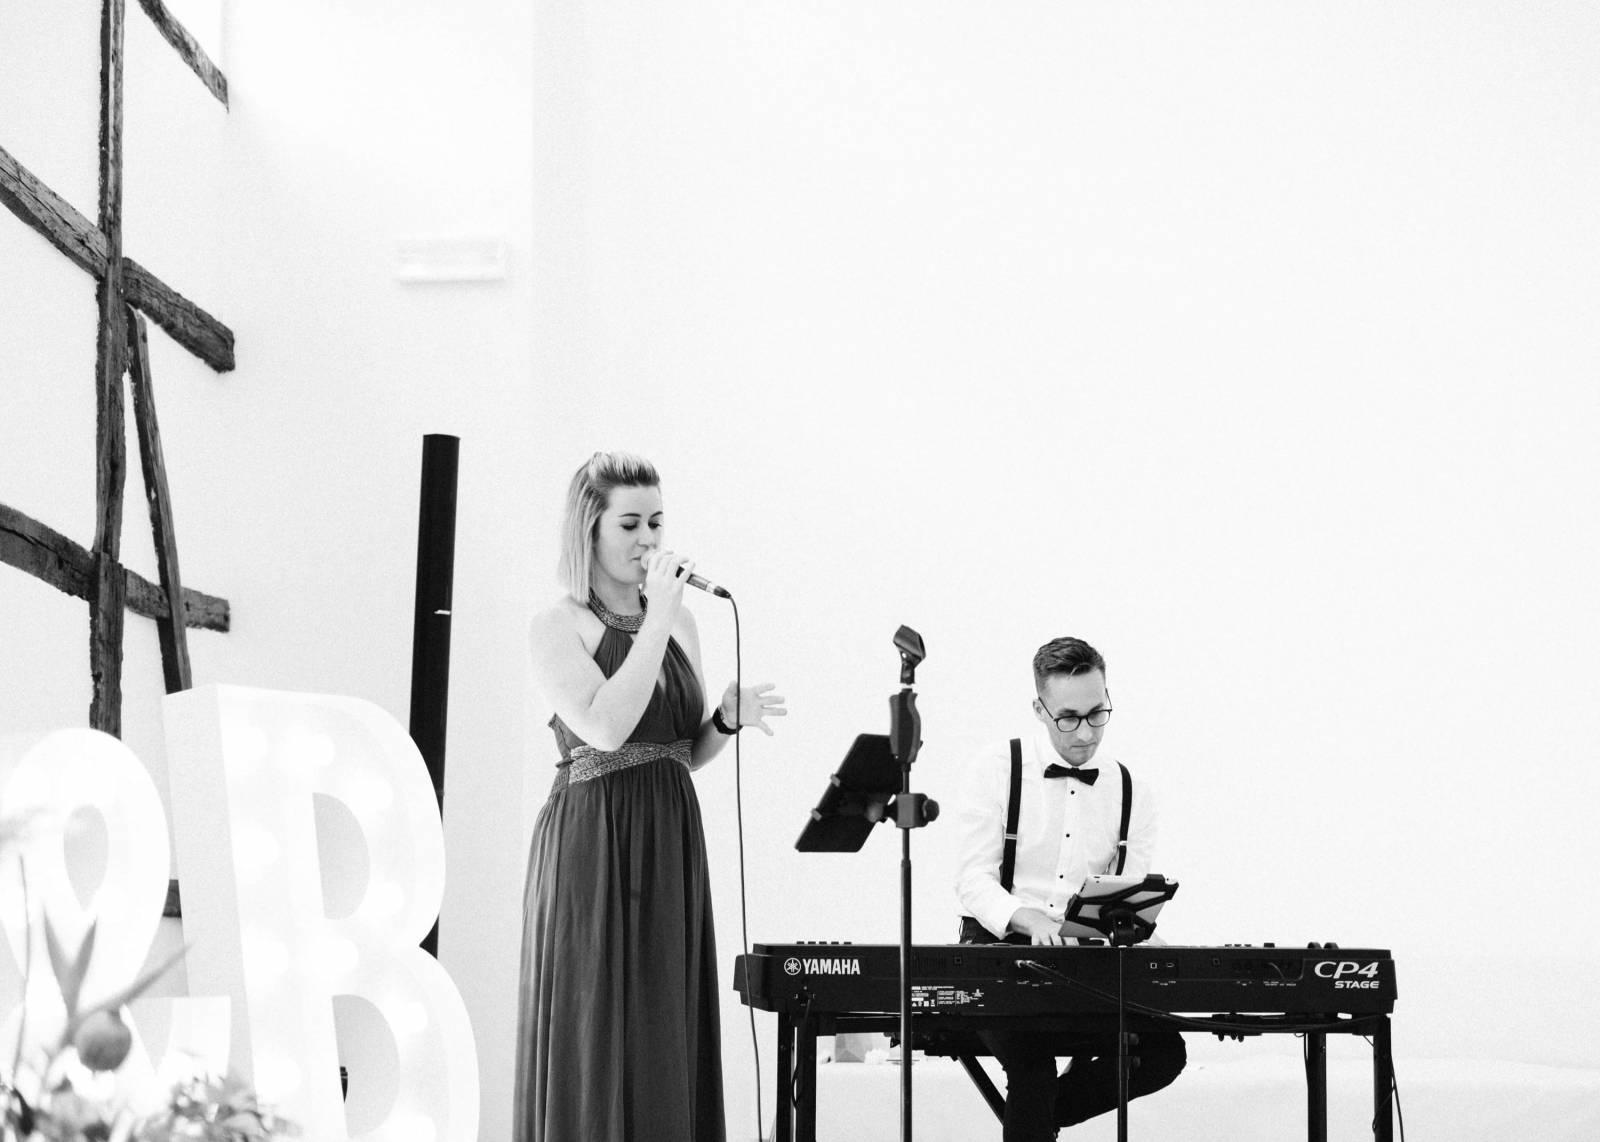 Zina - Ceremoniemuziek - Live muziek - Zangeres - Huwelijk - Trouw - Bruiloft - House of Weddings - 14